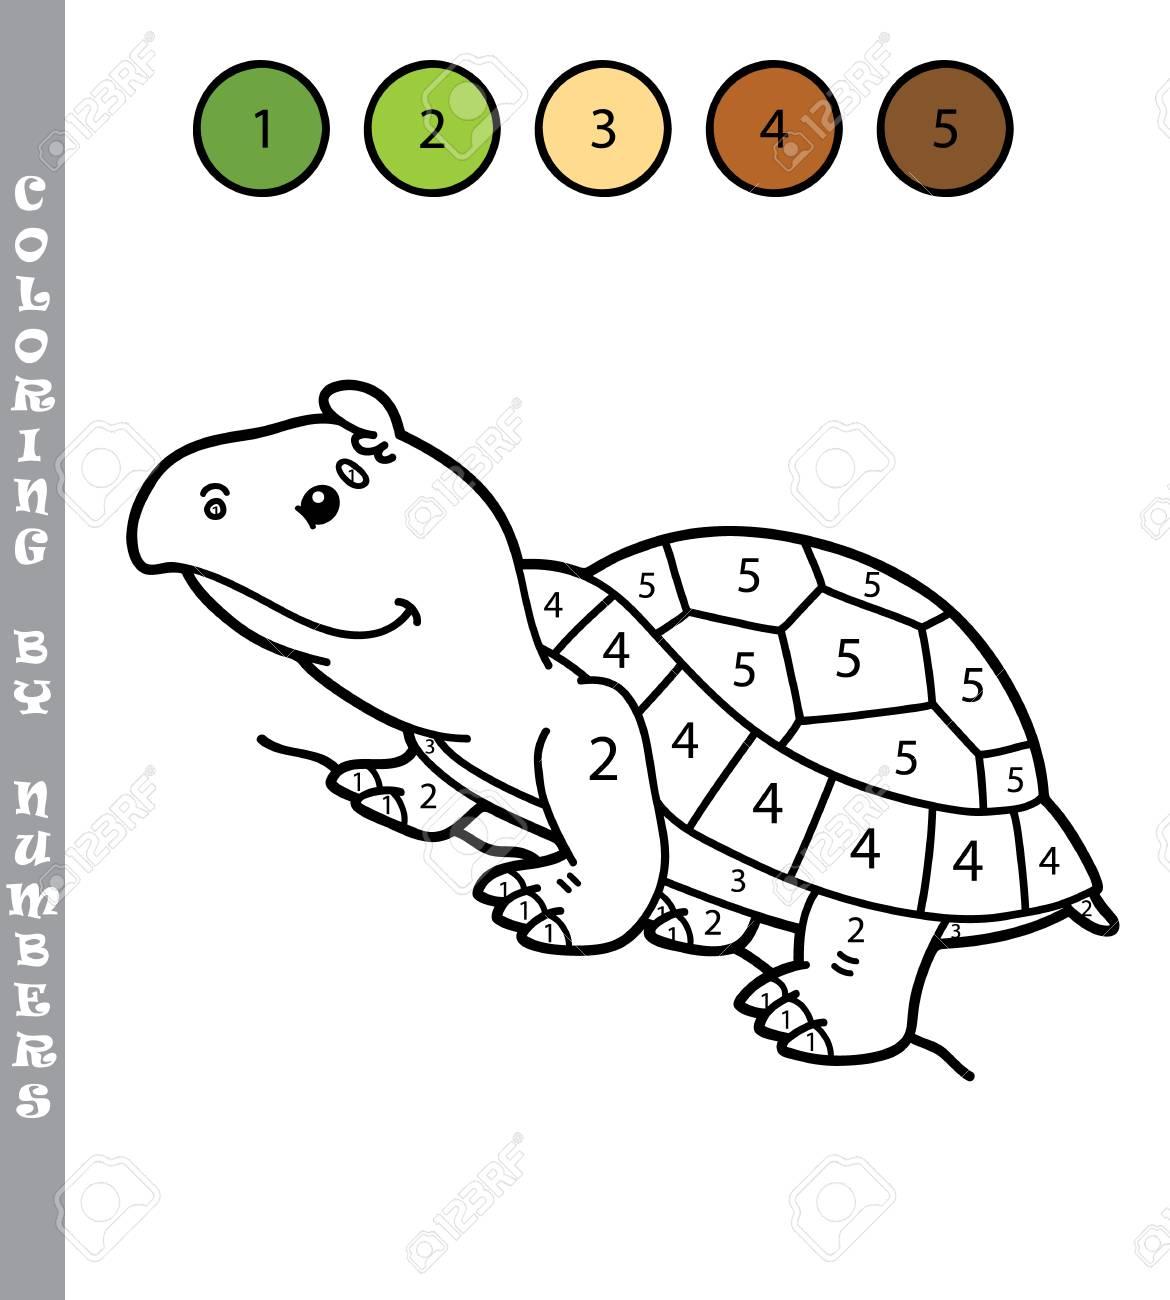 Colorante Divertido Por El Juego De Números Ilustración Vectorial Para Colorear Por Números Juego Con Tortuga De Dibujos Animados Para Niños